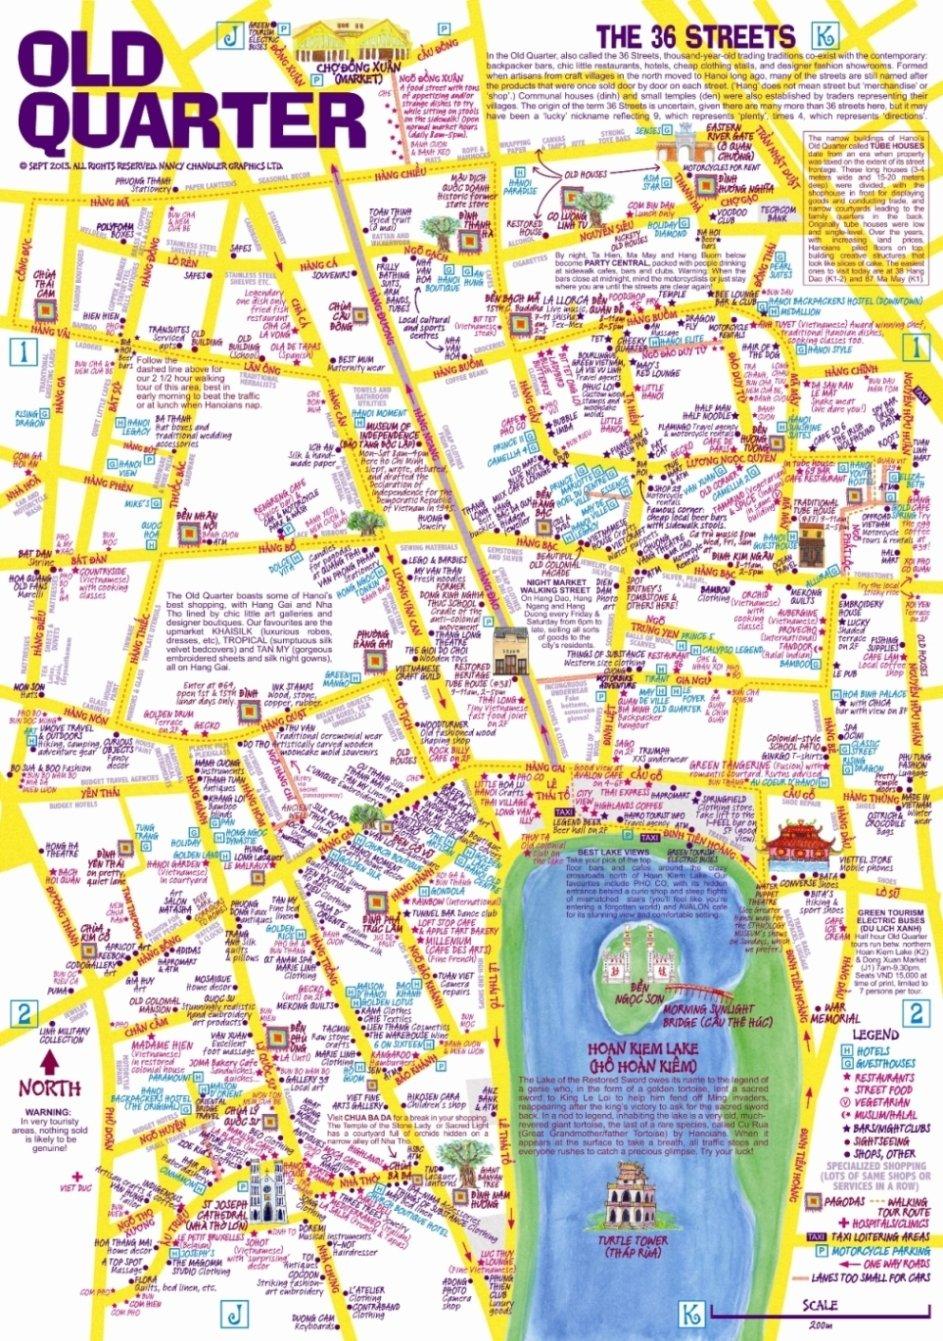 NANCY CHANDLER MAP OF CHIANG MAI DOWNLOAD